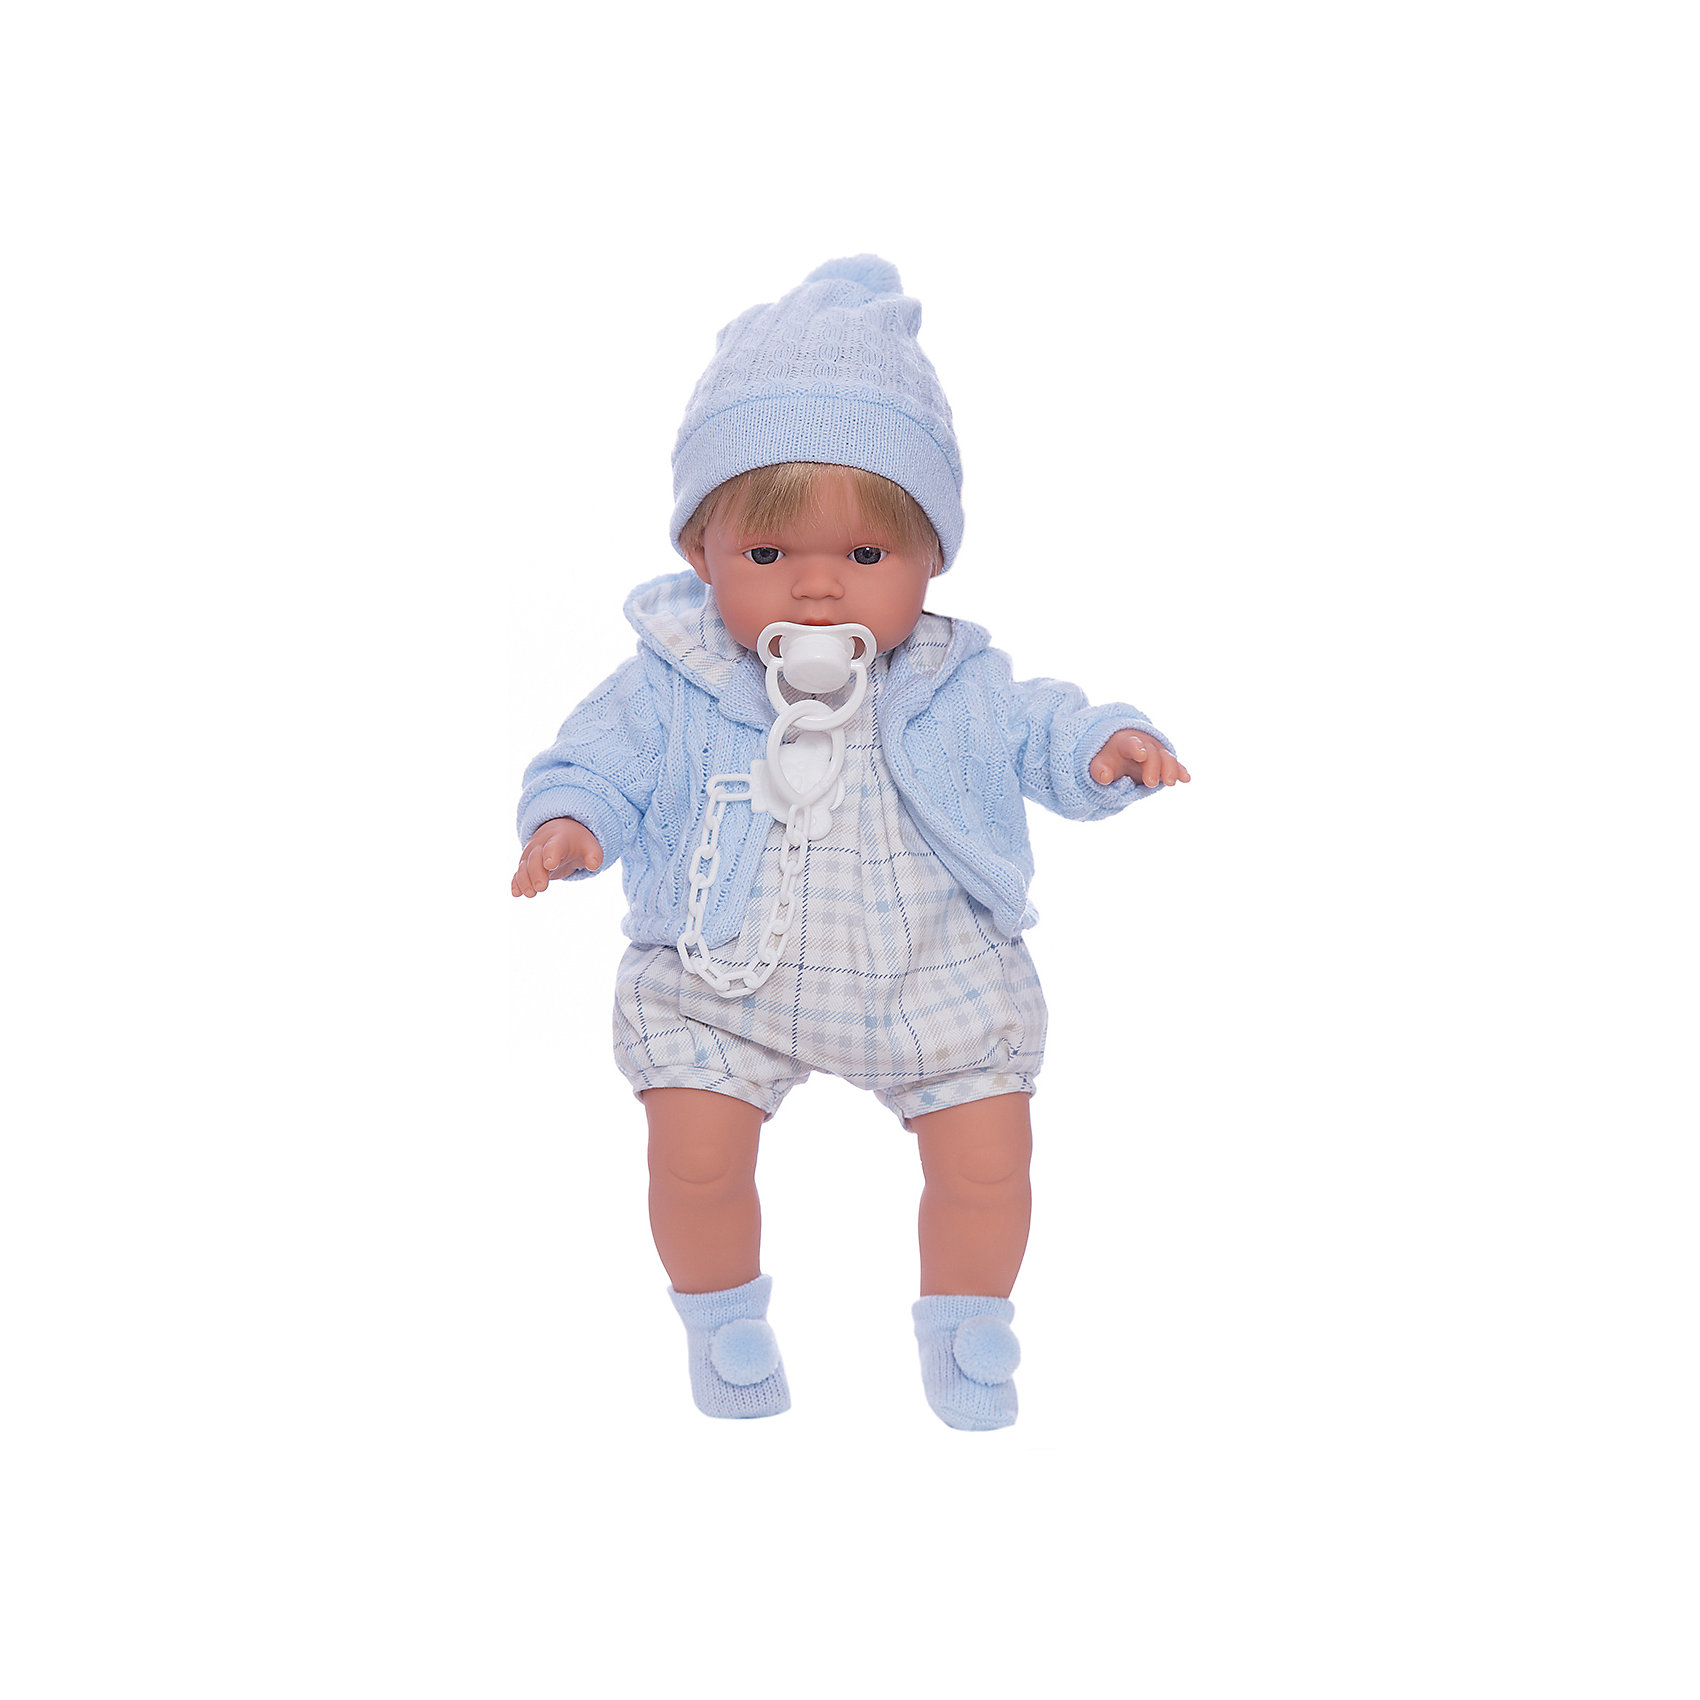 Кукла Пабло, 38 см, LlorensХарактеристики:<br><br>• Предназначение: для сюжетно-ролевых игр<br>• Тип куклы: мягконабивная<br>• Пол куклы: мальчик <br>• Цвет волос: блондин<br>• Материал: поливинилхлорид, пластик, нейлон, текстиль<br>• Цвет: голубой, белый<br>• Высота куклы: 38 см<br>• Комплектация: кукла, комбинезон, кофточка, носочки, шапочка, пустышка с держателем<br>• Звуковые эффекты: плачет, произносит мама и папа<br>• Батарейки: з шт. типа AG13/LR44 (предусмотрены в комплекте)<br>• Вес: 1 кг 050 г<br>• Размеры упаковки (Д*В*Ш): 23*45*12 см<br>• Упаковка: подарочная картонная коробка <br>• Особенности ухода: допускается деликатная стирка без использования красящих и отбеливающих средств предметов одежды куклы<br><br>Кукла Пабло 38 см – кукла, производителем которого является всемирно известный испанский кукольный бренд Llorens. Куклы этой торговой марки имеют свою неповторимую внешность и целую линейку образов как пупсов, так и кукол-малышей. Игрушки выполнены из сочетания поливинилхлорида и пластика, что позволяет с высокой долей достоверности воссоздать физиологические и мимические особенности маленьких детей. При изготовлении кукол Llorens используются только сертифицированные материалы, безопасные и не вызывающие аллергических реакций. Волосы у кукол отличаются густотой, шелковистостью и блеском, при расчесывании они не выпадают и не ломаются.<br>Кукла Пабло 38 см выполнена в образе малыша: голубые глаза и светлые волосы делают образ куклы необычайно очаровательным. В комплект одежды Пабло входит легкий комбинезон, теплая вязаная кофточка с капюшоном, шапочка с помпоном и носочки с помпончиками. Пабло умеет плакать, а также говорить мама и папа. Чтобы малыш не плакал, у него имеется соскас держателем. <br>Кукла Пабло 38 см – это идеальный вариант для подарка к различным праздникам и торжествам.<br><br>Куклу Пабло 38 см можно купить в нашем интернет-магазине.<br><br>Ширина мм: 23<br>Глубина мм: 45<br>Высота мм: 12<br>Вес г: 1050<br>Возраст от месяцев: 36<br>